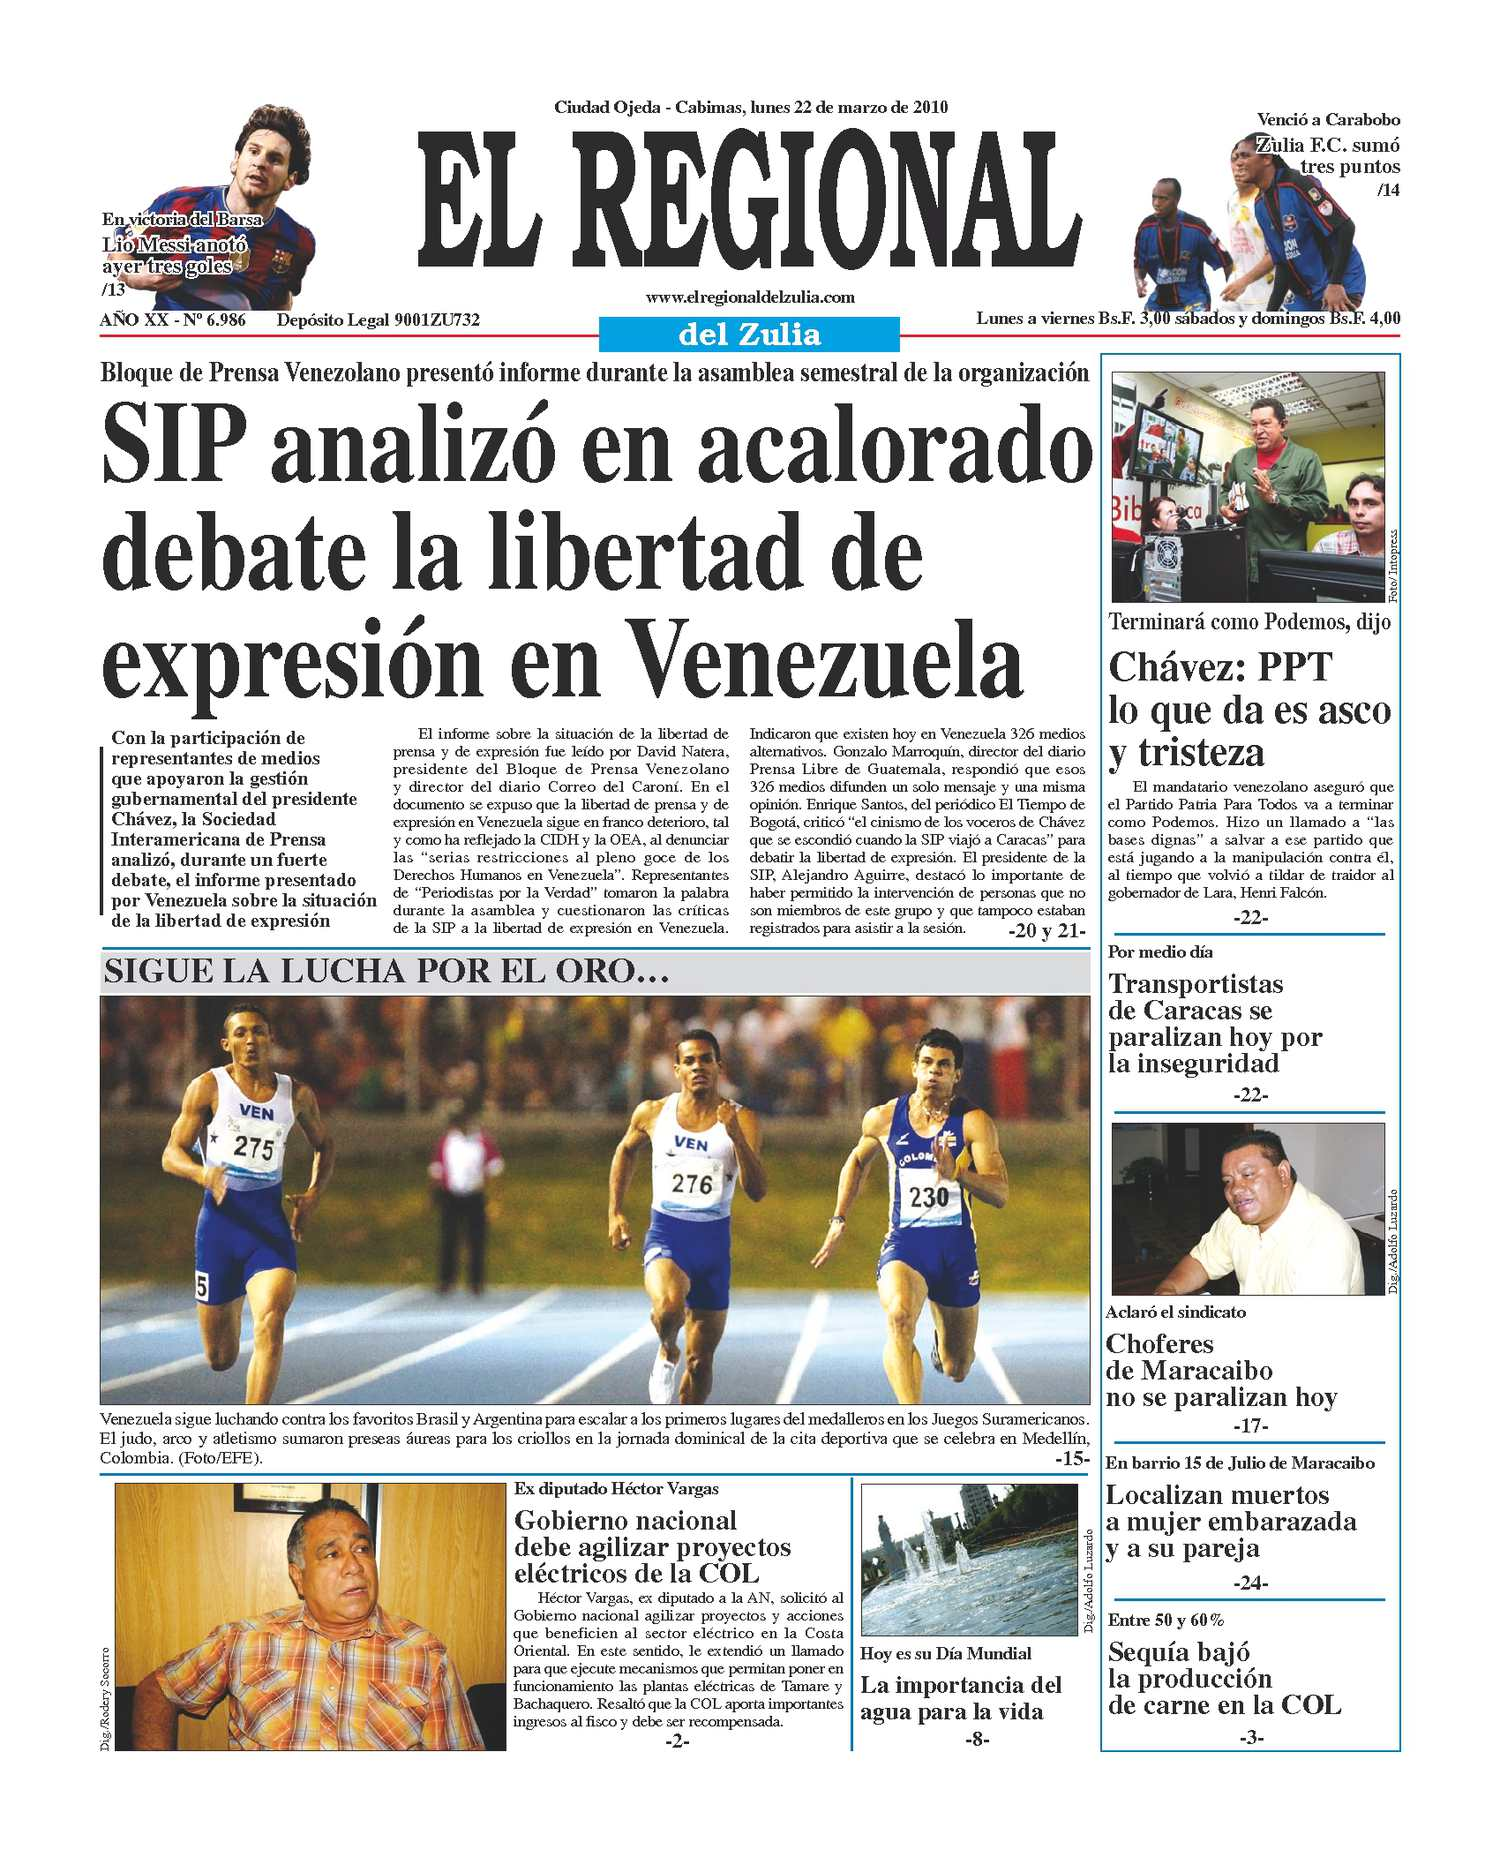 El Regional del Zulia | 22-03-2010